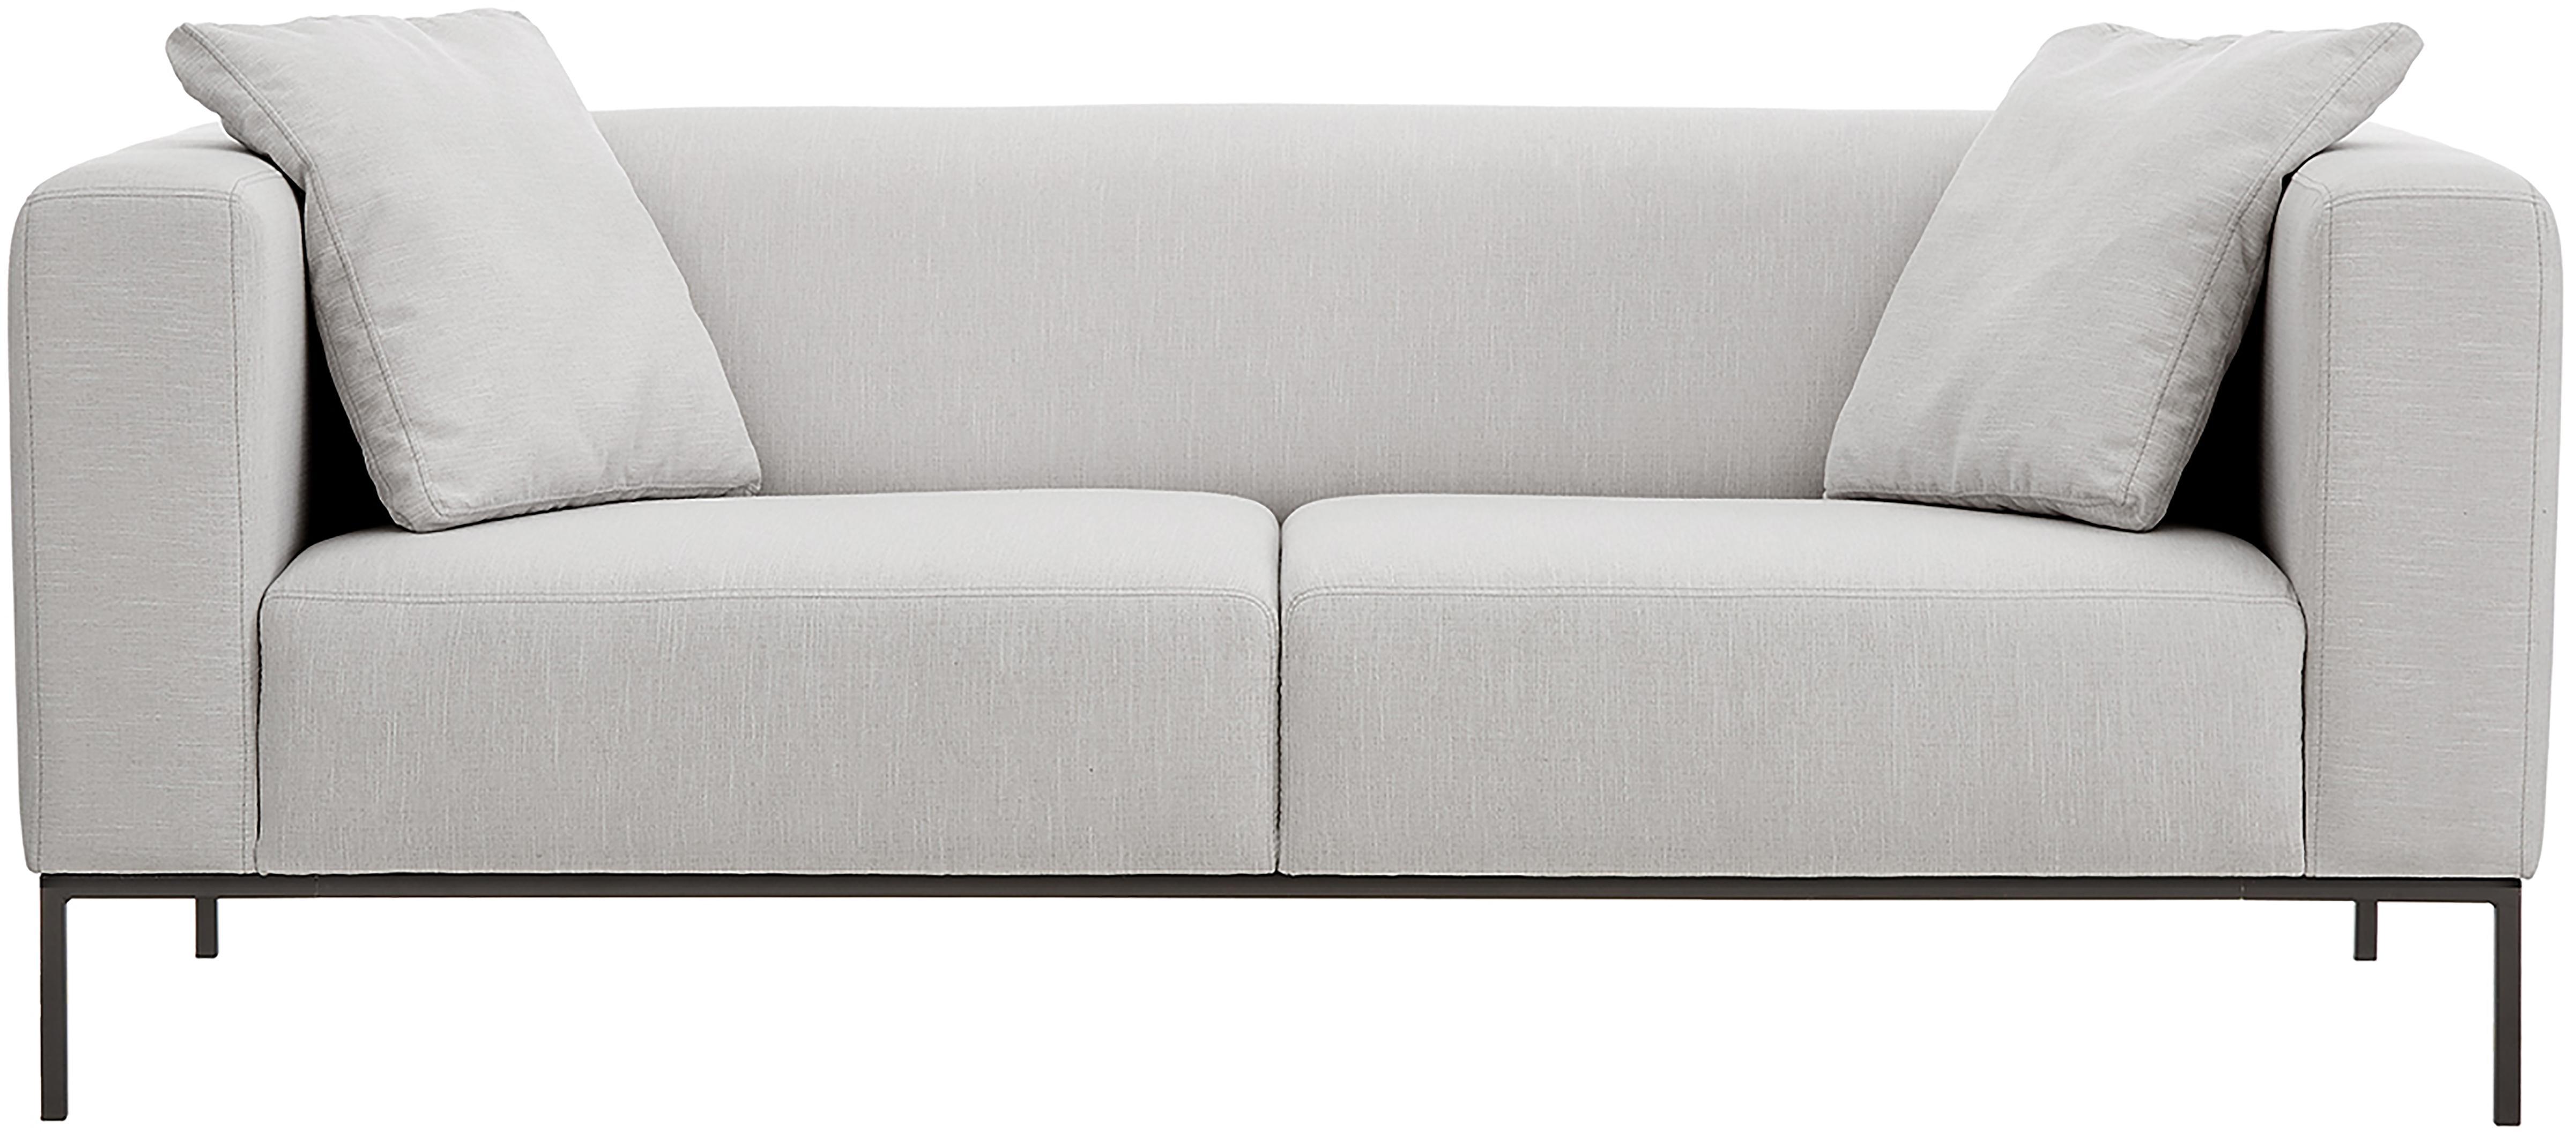 Sofa Carrie (3-Sitzer), Bezug: Polyester 50.000 Scheuert, Gestell: Spanholz, Hartfaserplatte, Füße: Metall, lackiert, Webstoff Grau, B 202 x T 86 cm